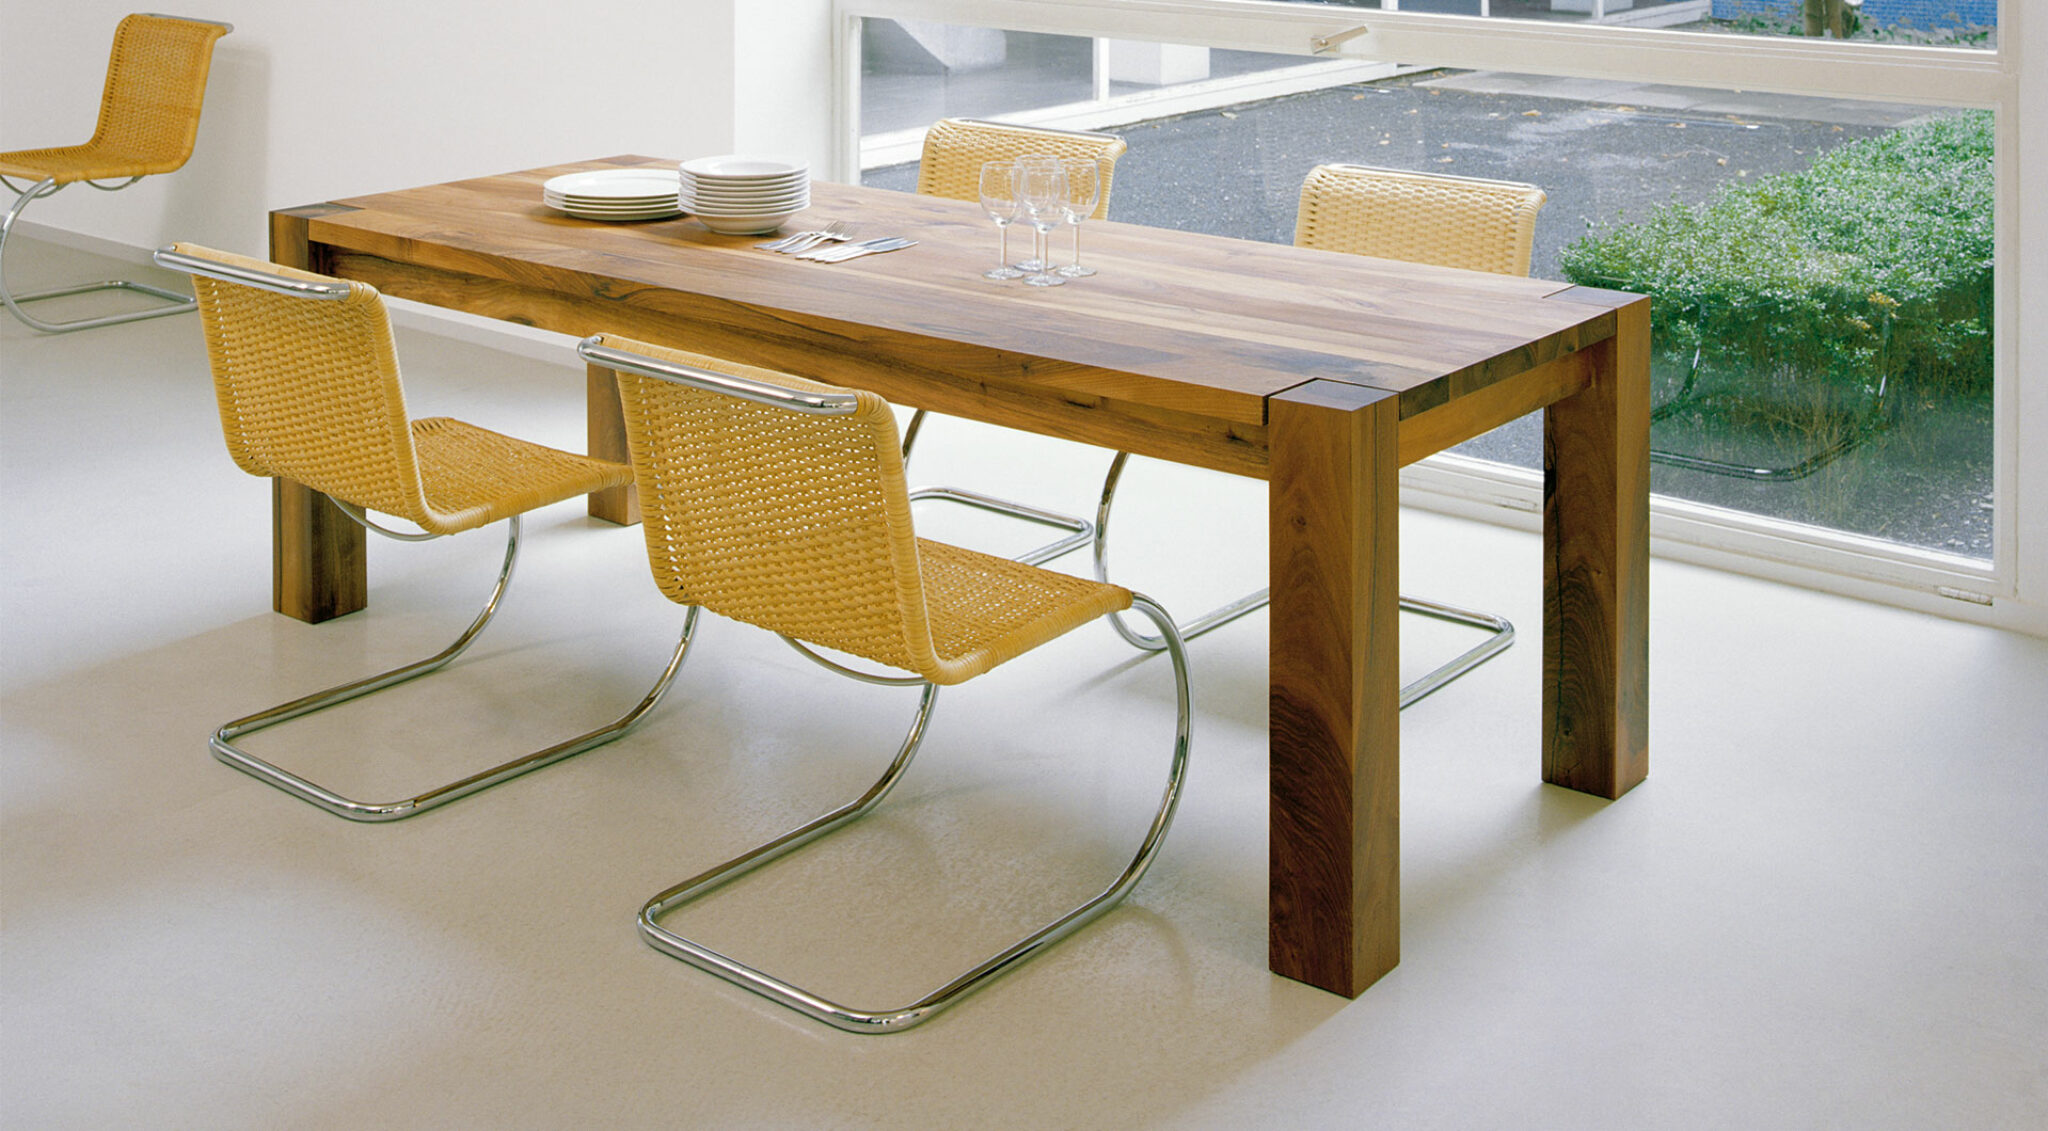 Tisch und Stühle der Firma e15.